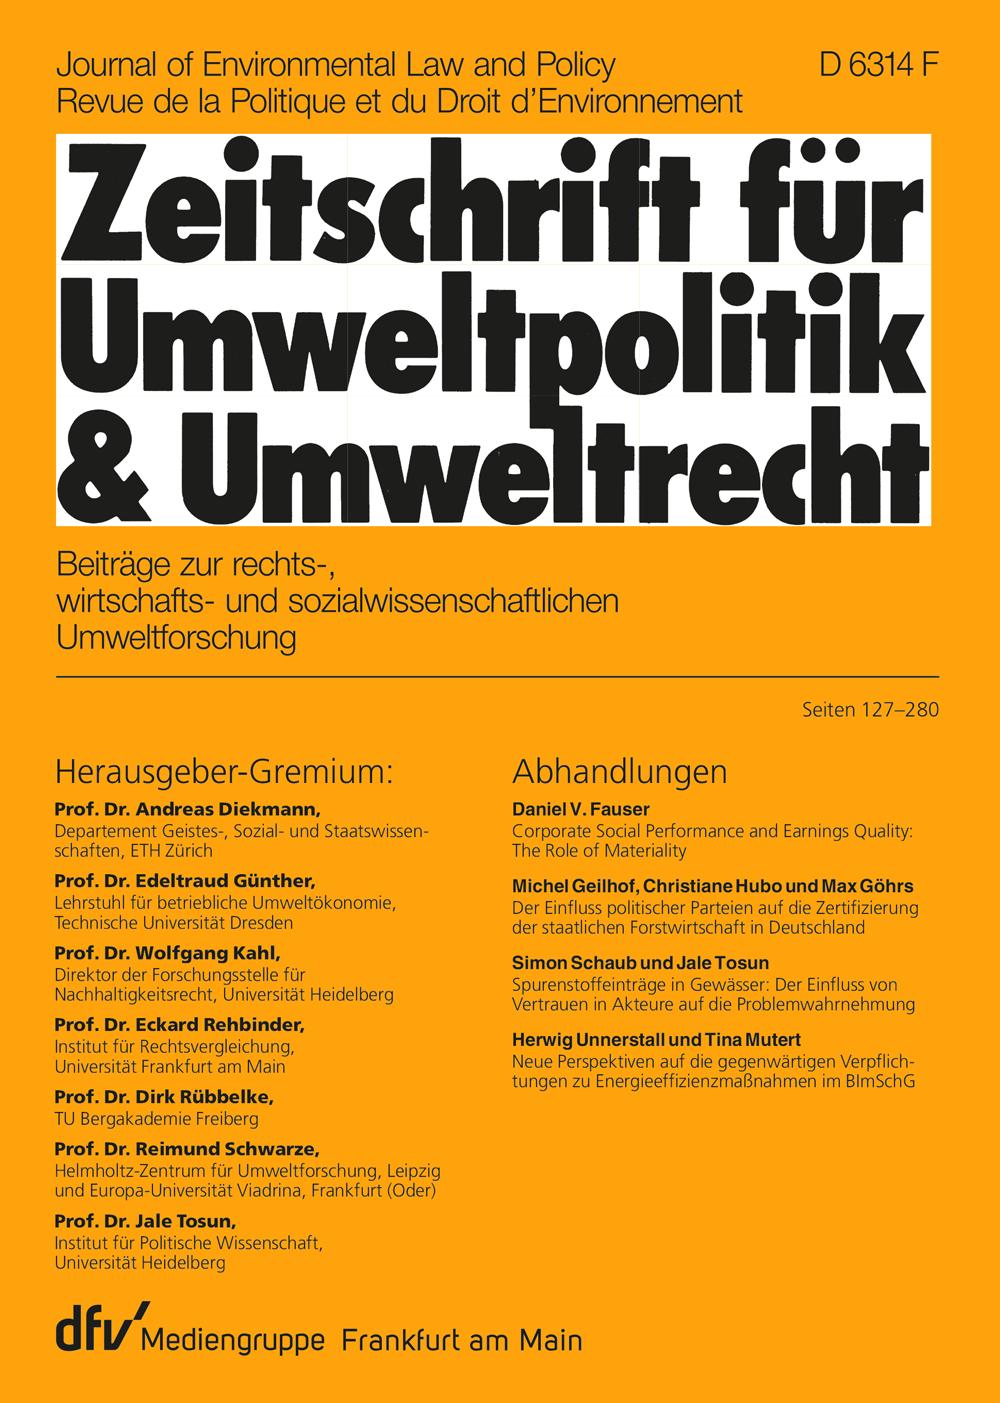 Umweltpolitik & Umweltrecht